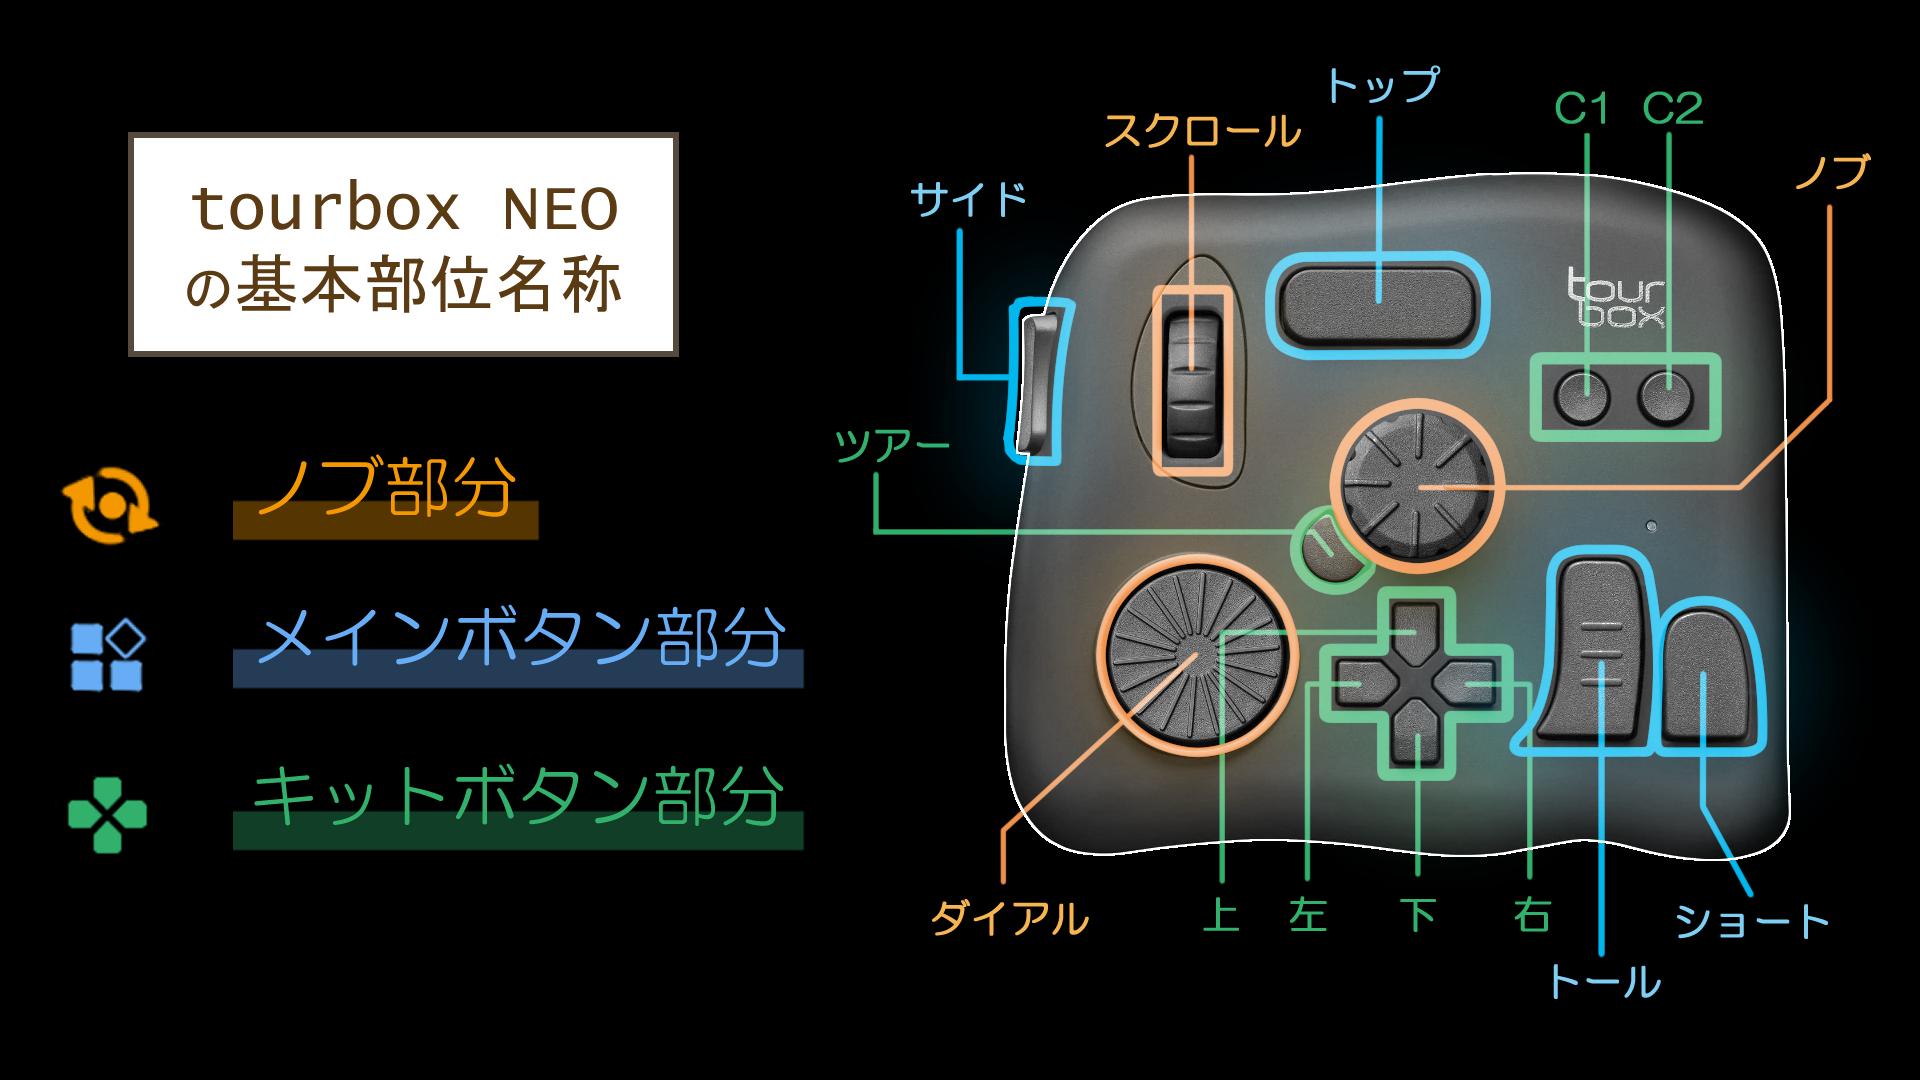 「TourBox NEO」の基本部位名称